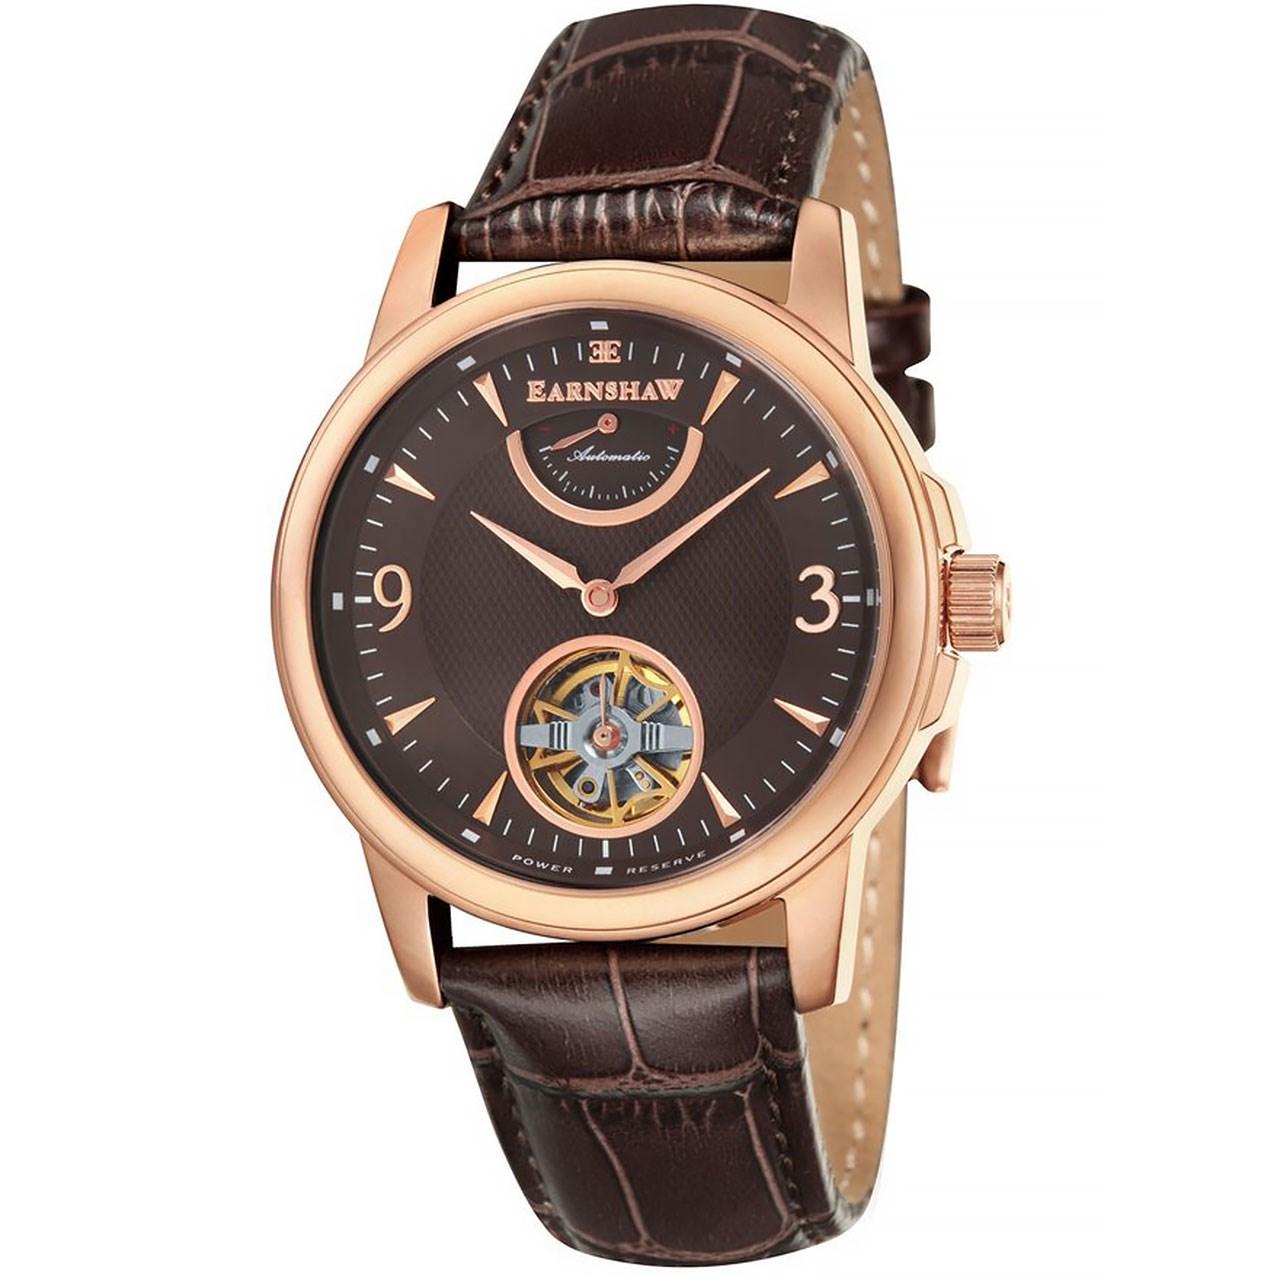 ساعت  ارنشا مدل ES-8014-06